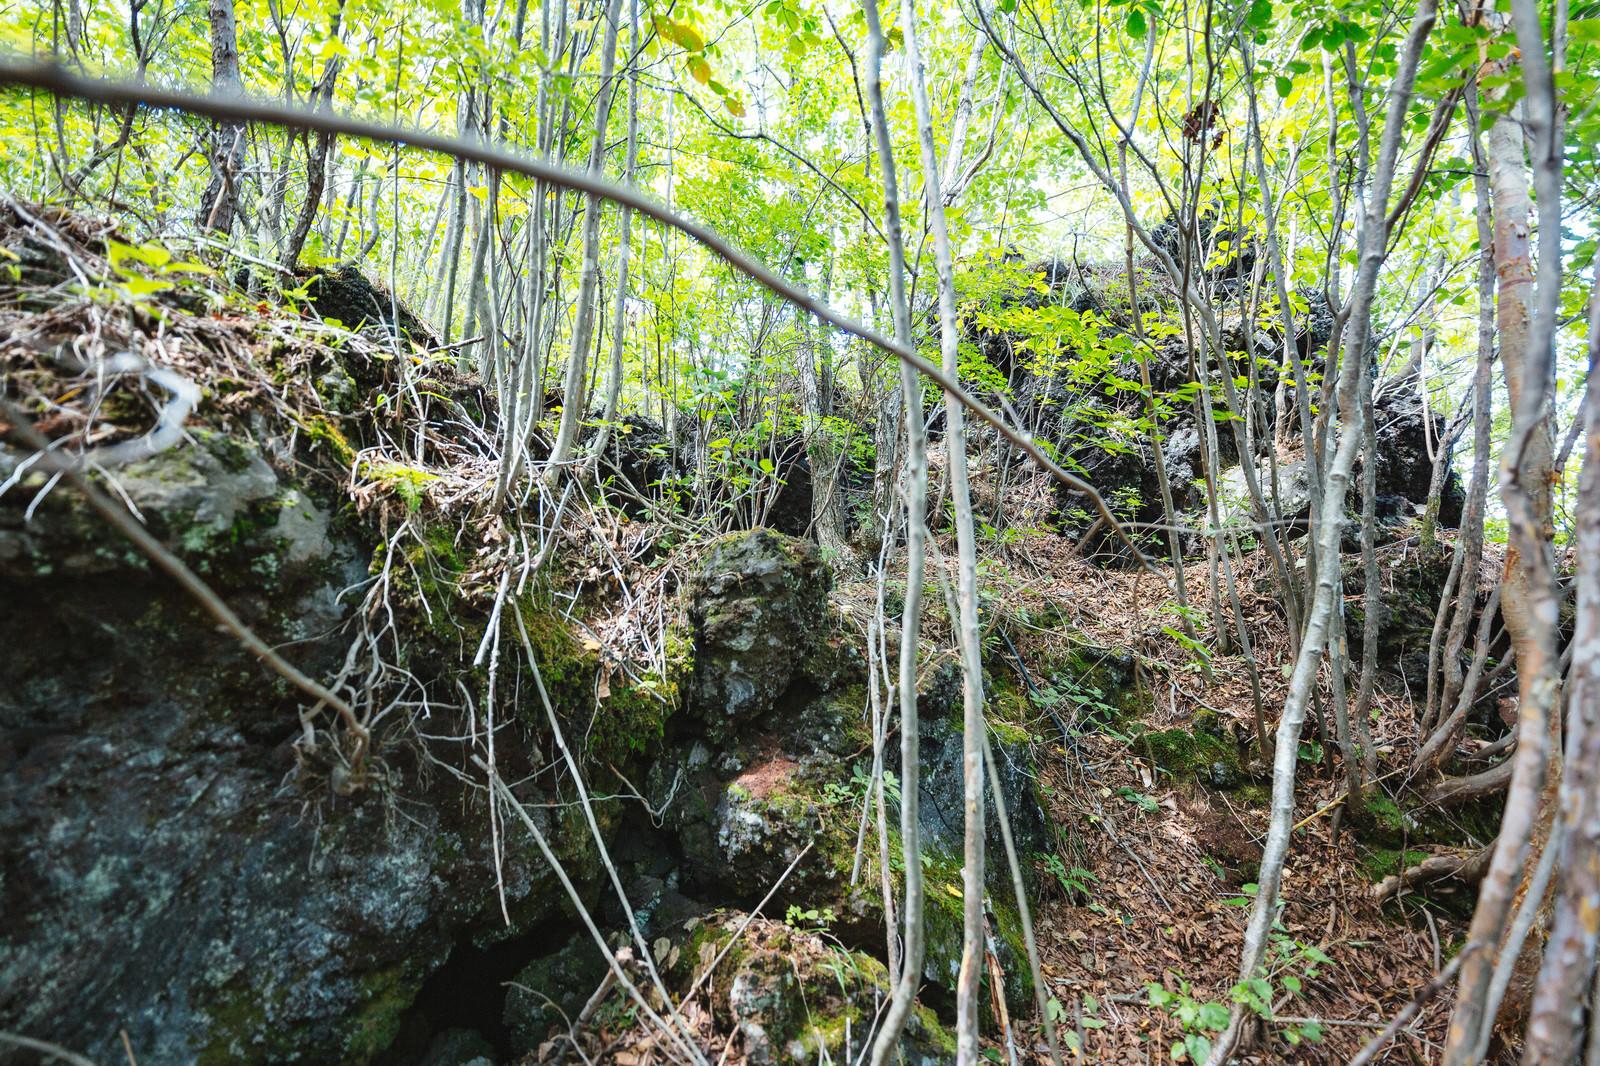 「溶岩上に生える木々」の写真